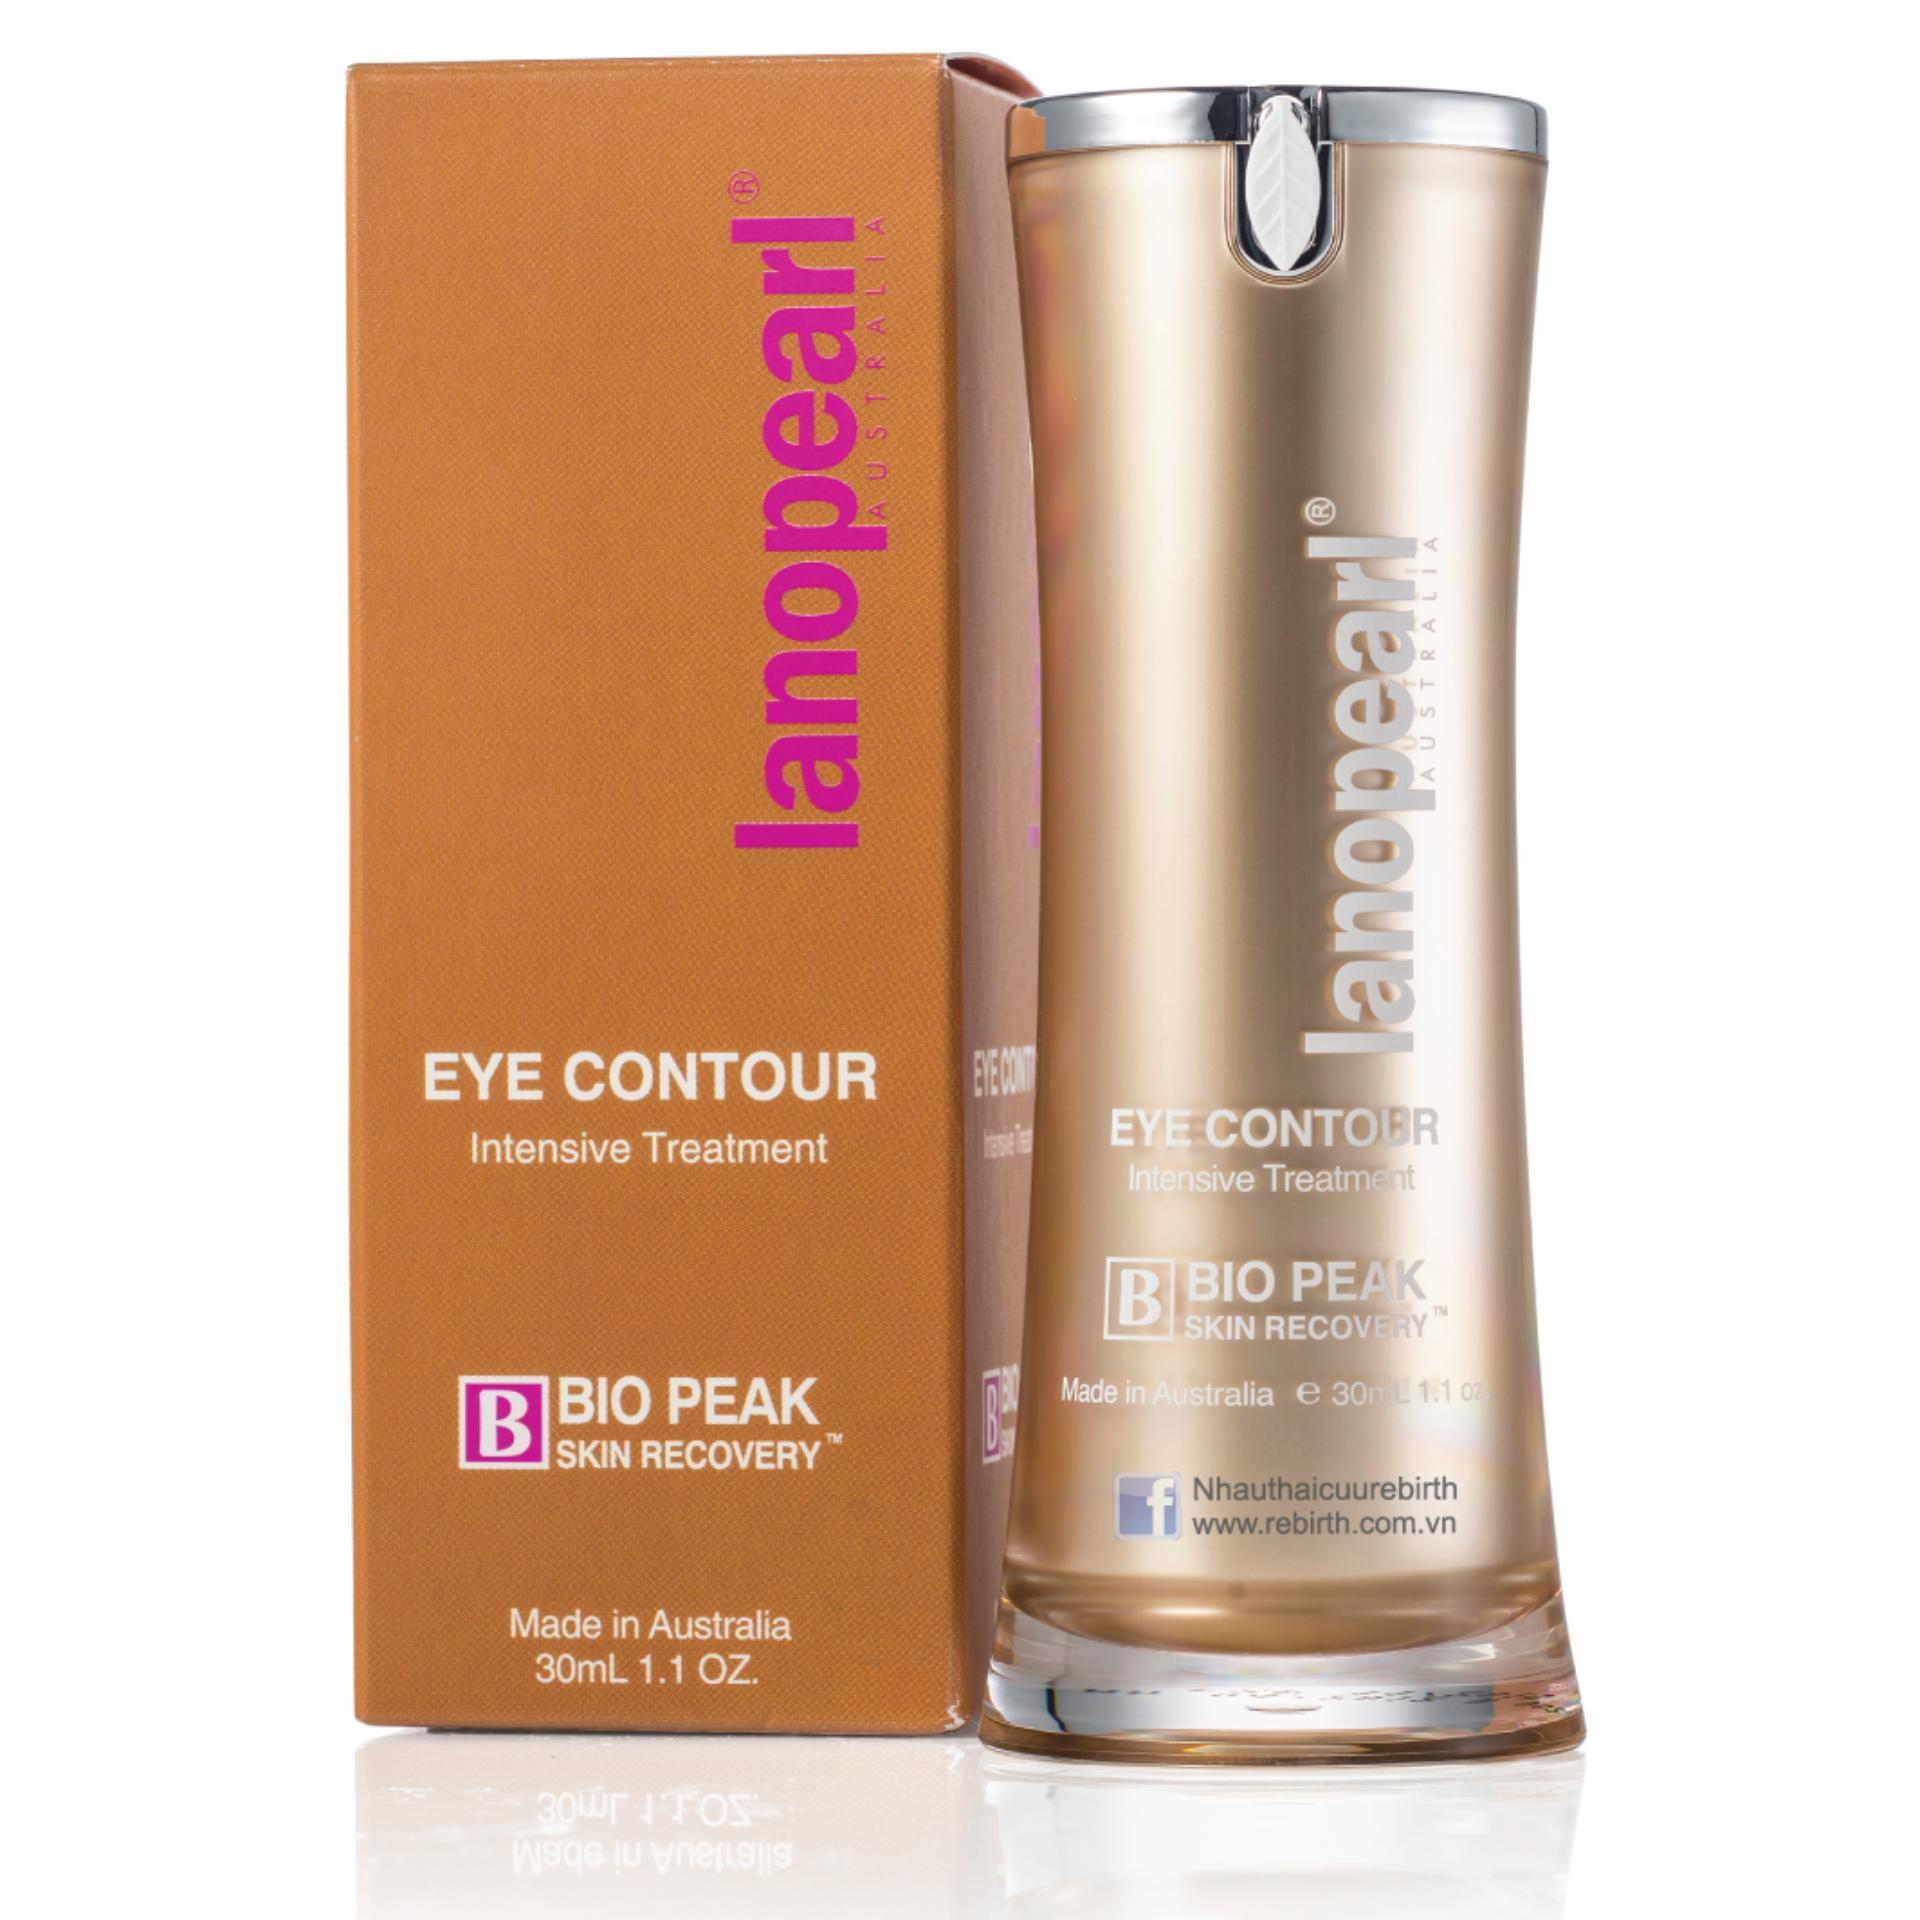 Tinh Chất Chống Nhăn Và Làm Mờ Quầng Thâm Quanh Mắt Lanopearl Eye Contour Intensive Treatment 30Ml